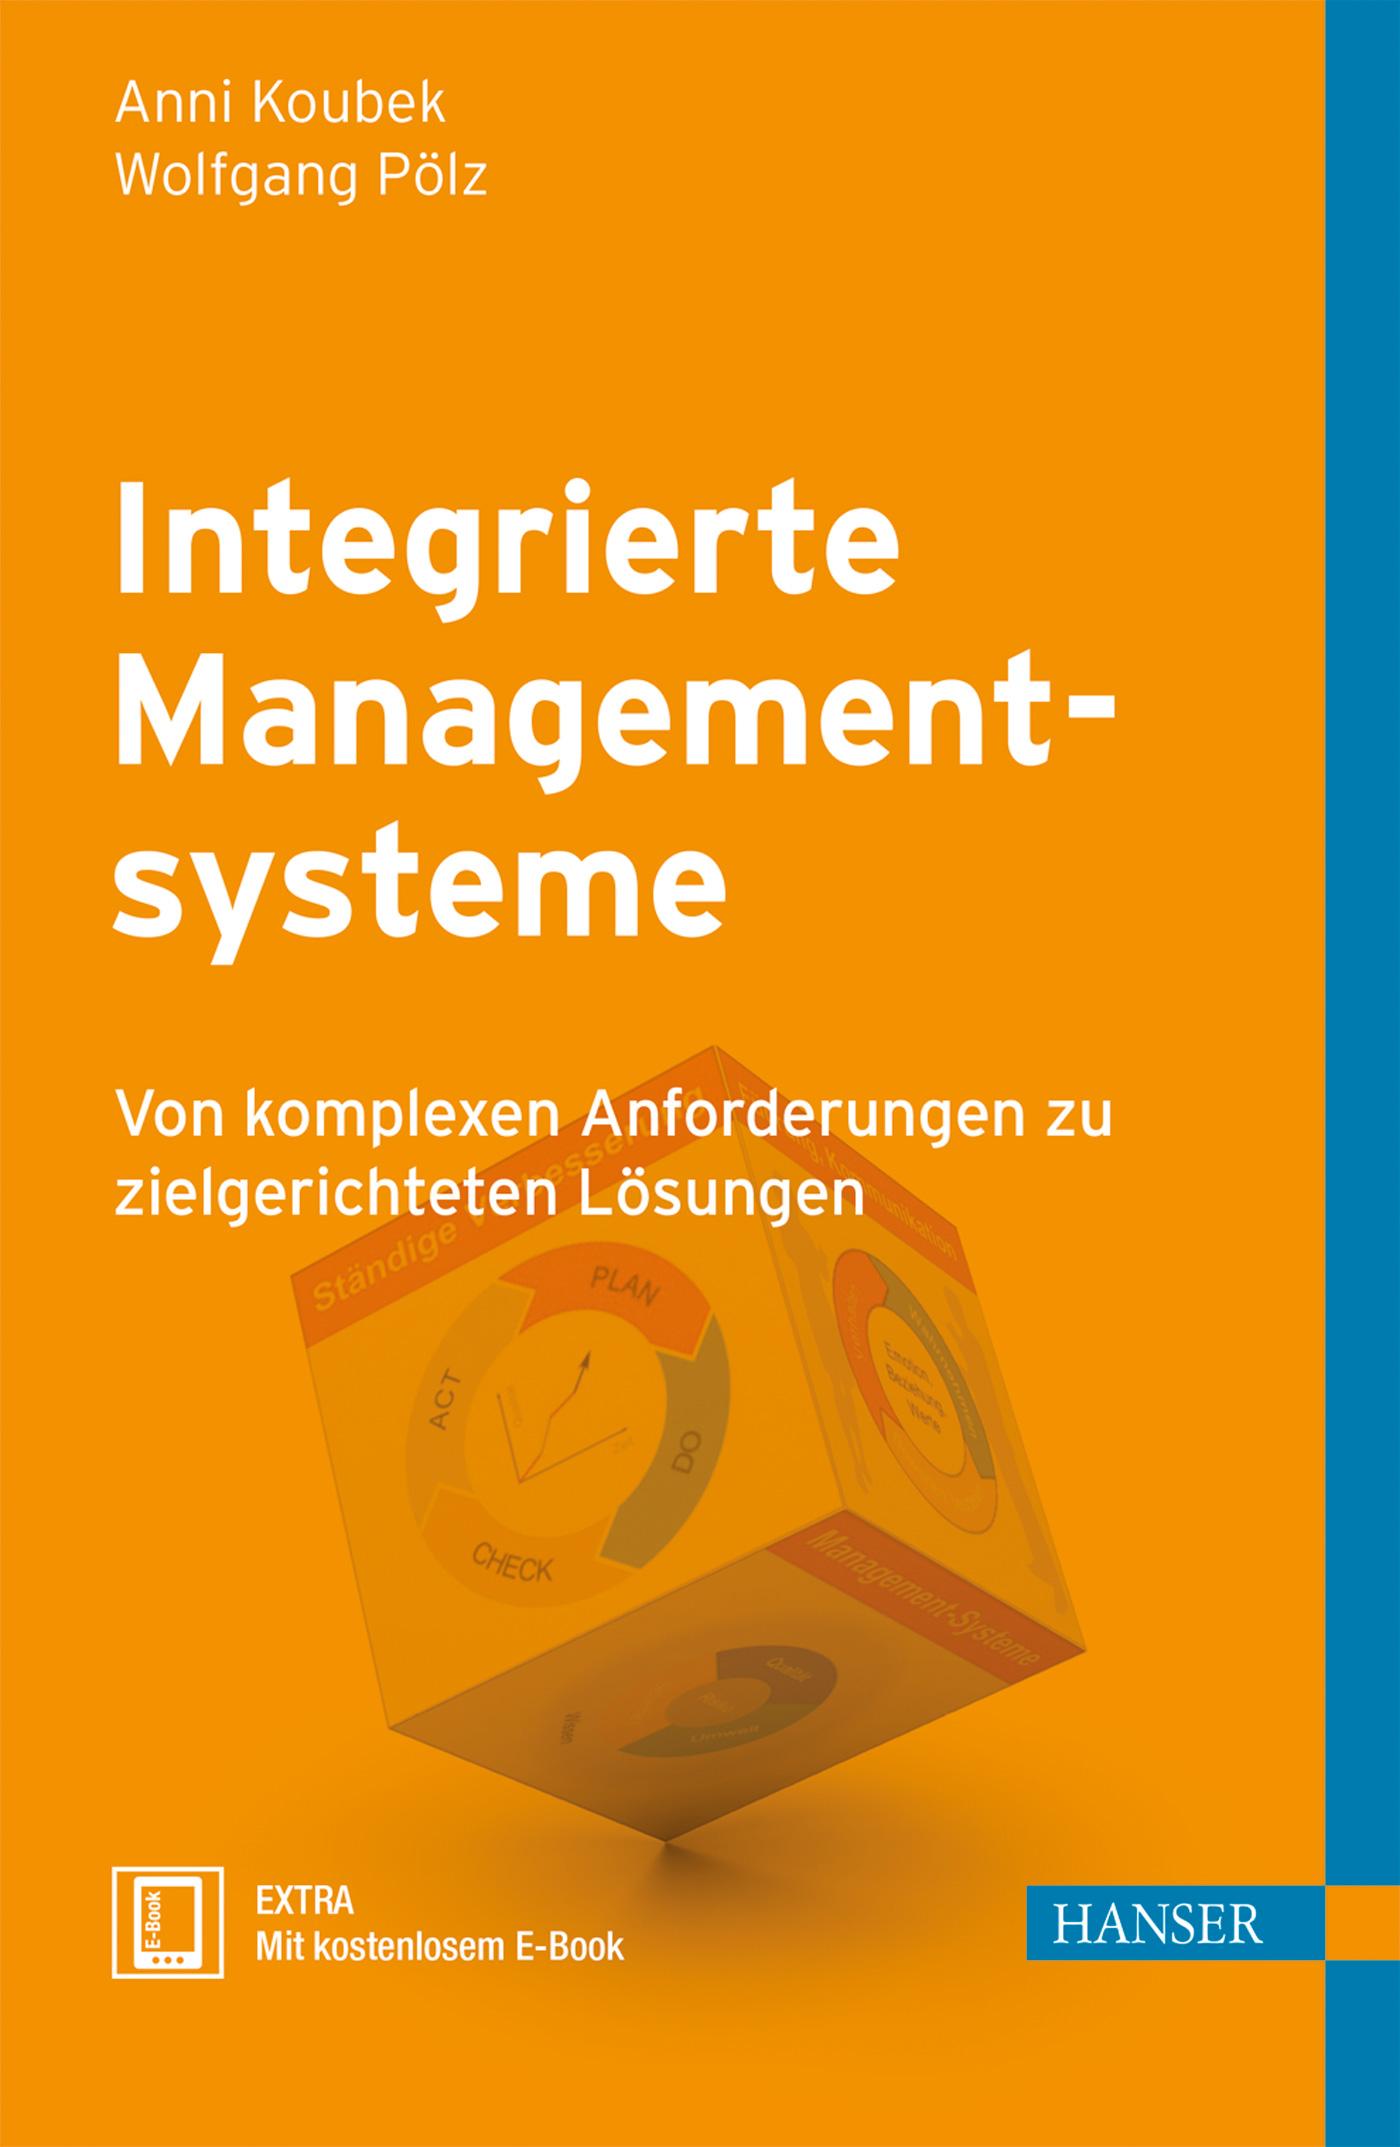 Koubek, Pölz, Integrierte Managementsysteme, 978-3-446-44045-6